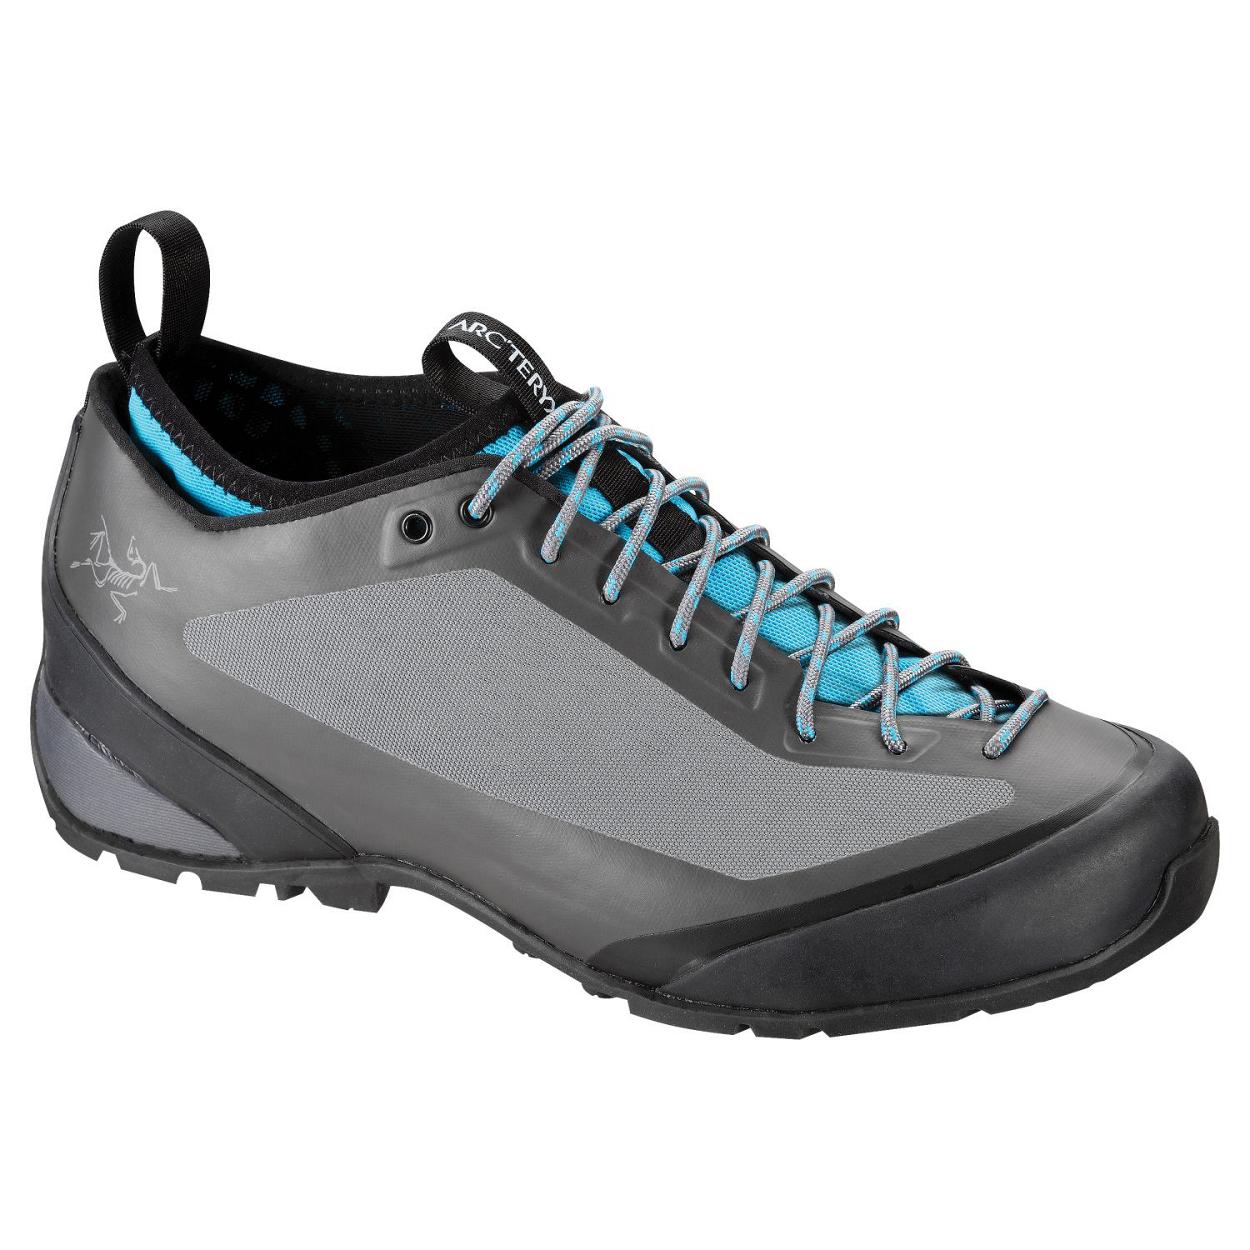 Image of Acrux FL Approach Shoe Wms